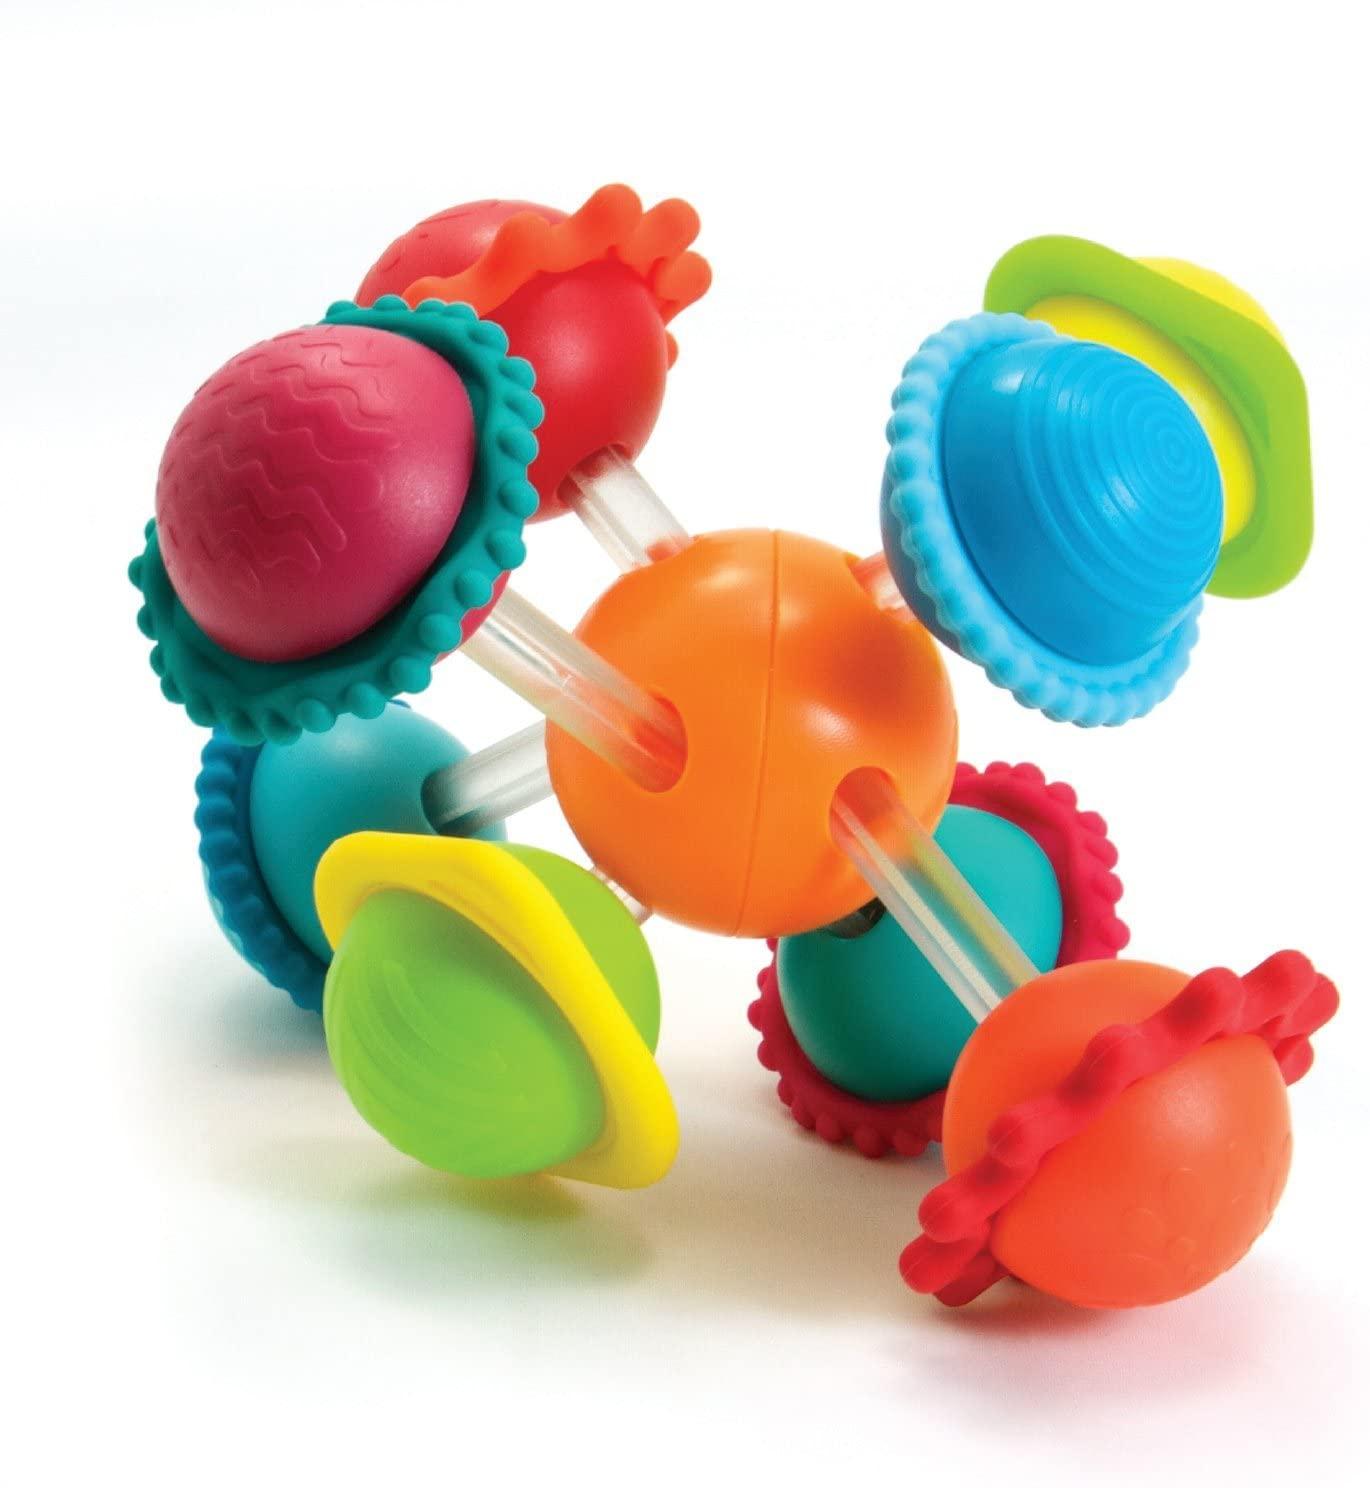 fat-brain-toys-wimzle